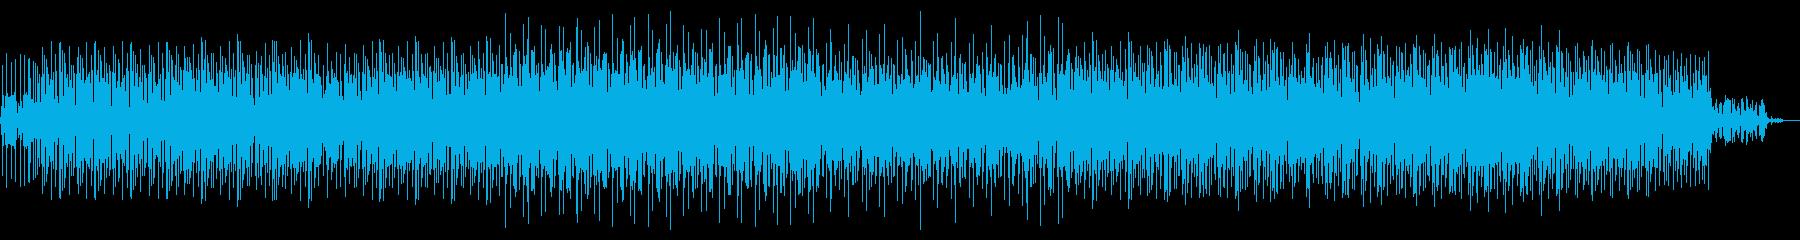 お洒落BGM綺麗系ハウス7分BGM専用の再生済みの波形